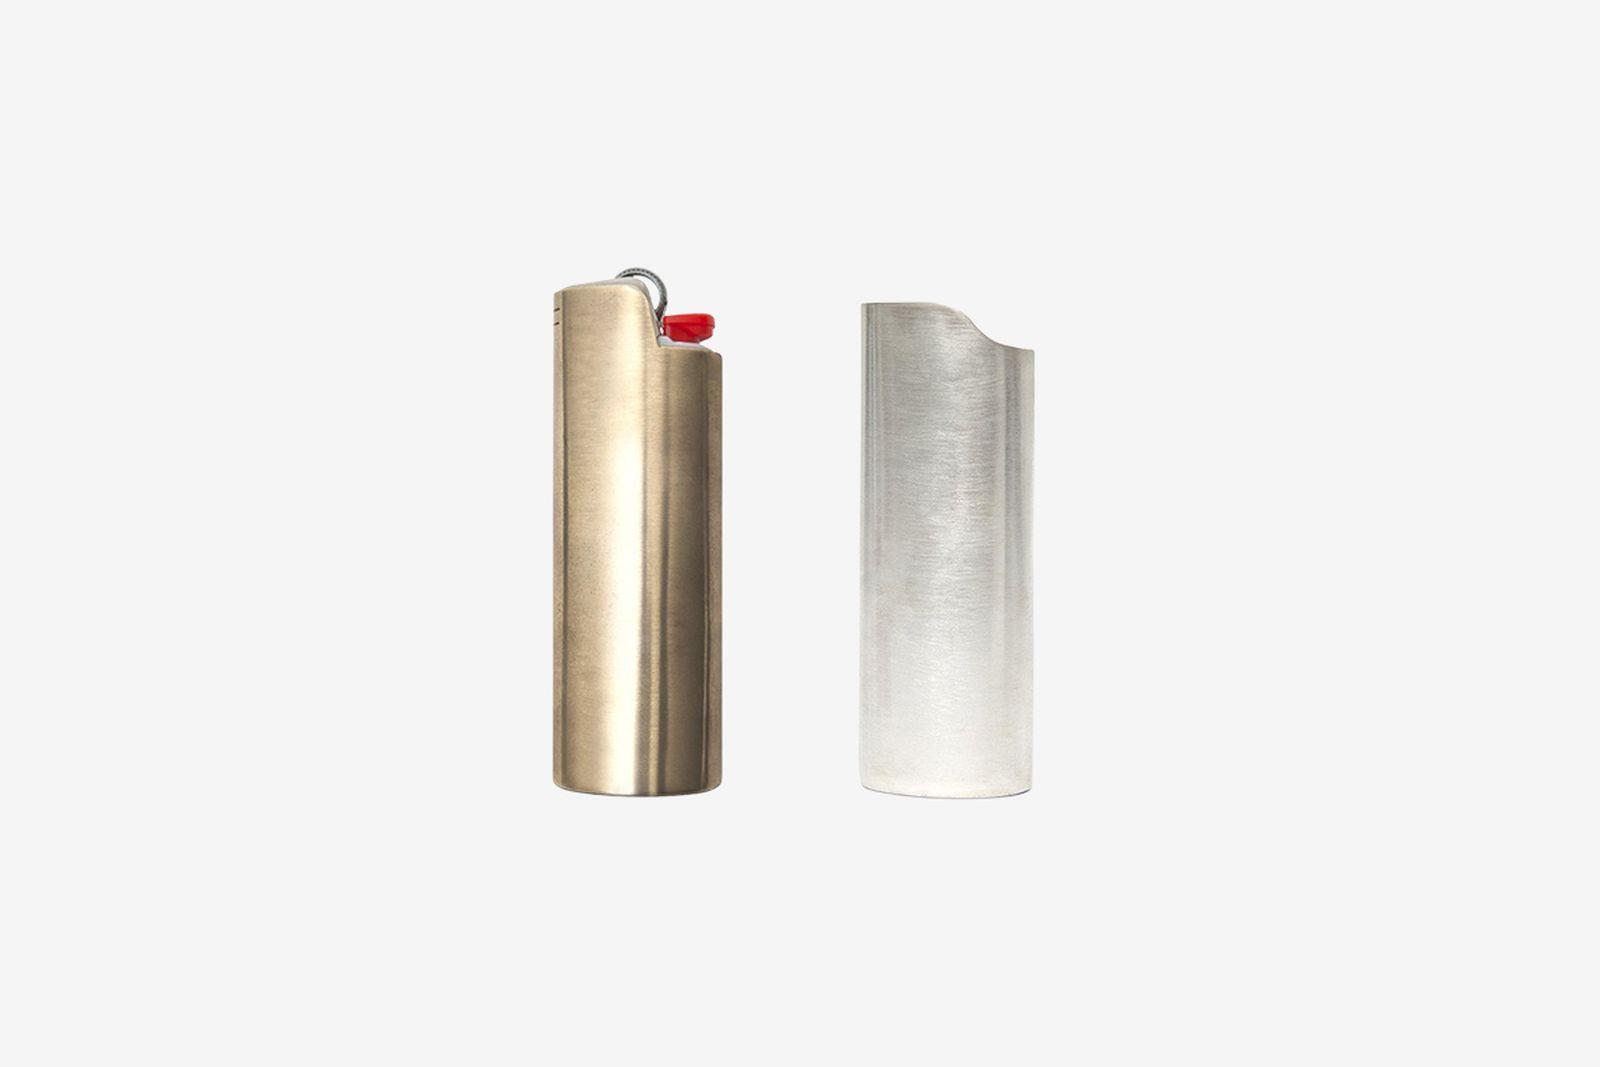 tetra-minimalist-lighter-case